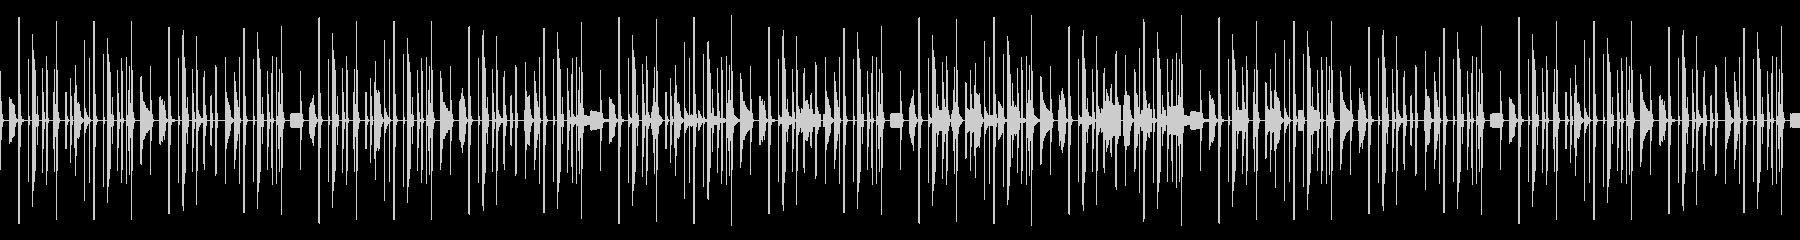 無機質なビートのパズルゲーム風BGMの未再生の波形